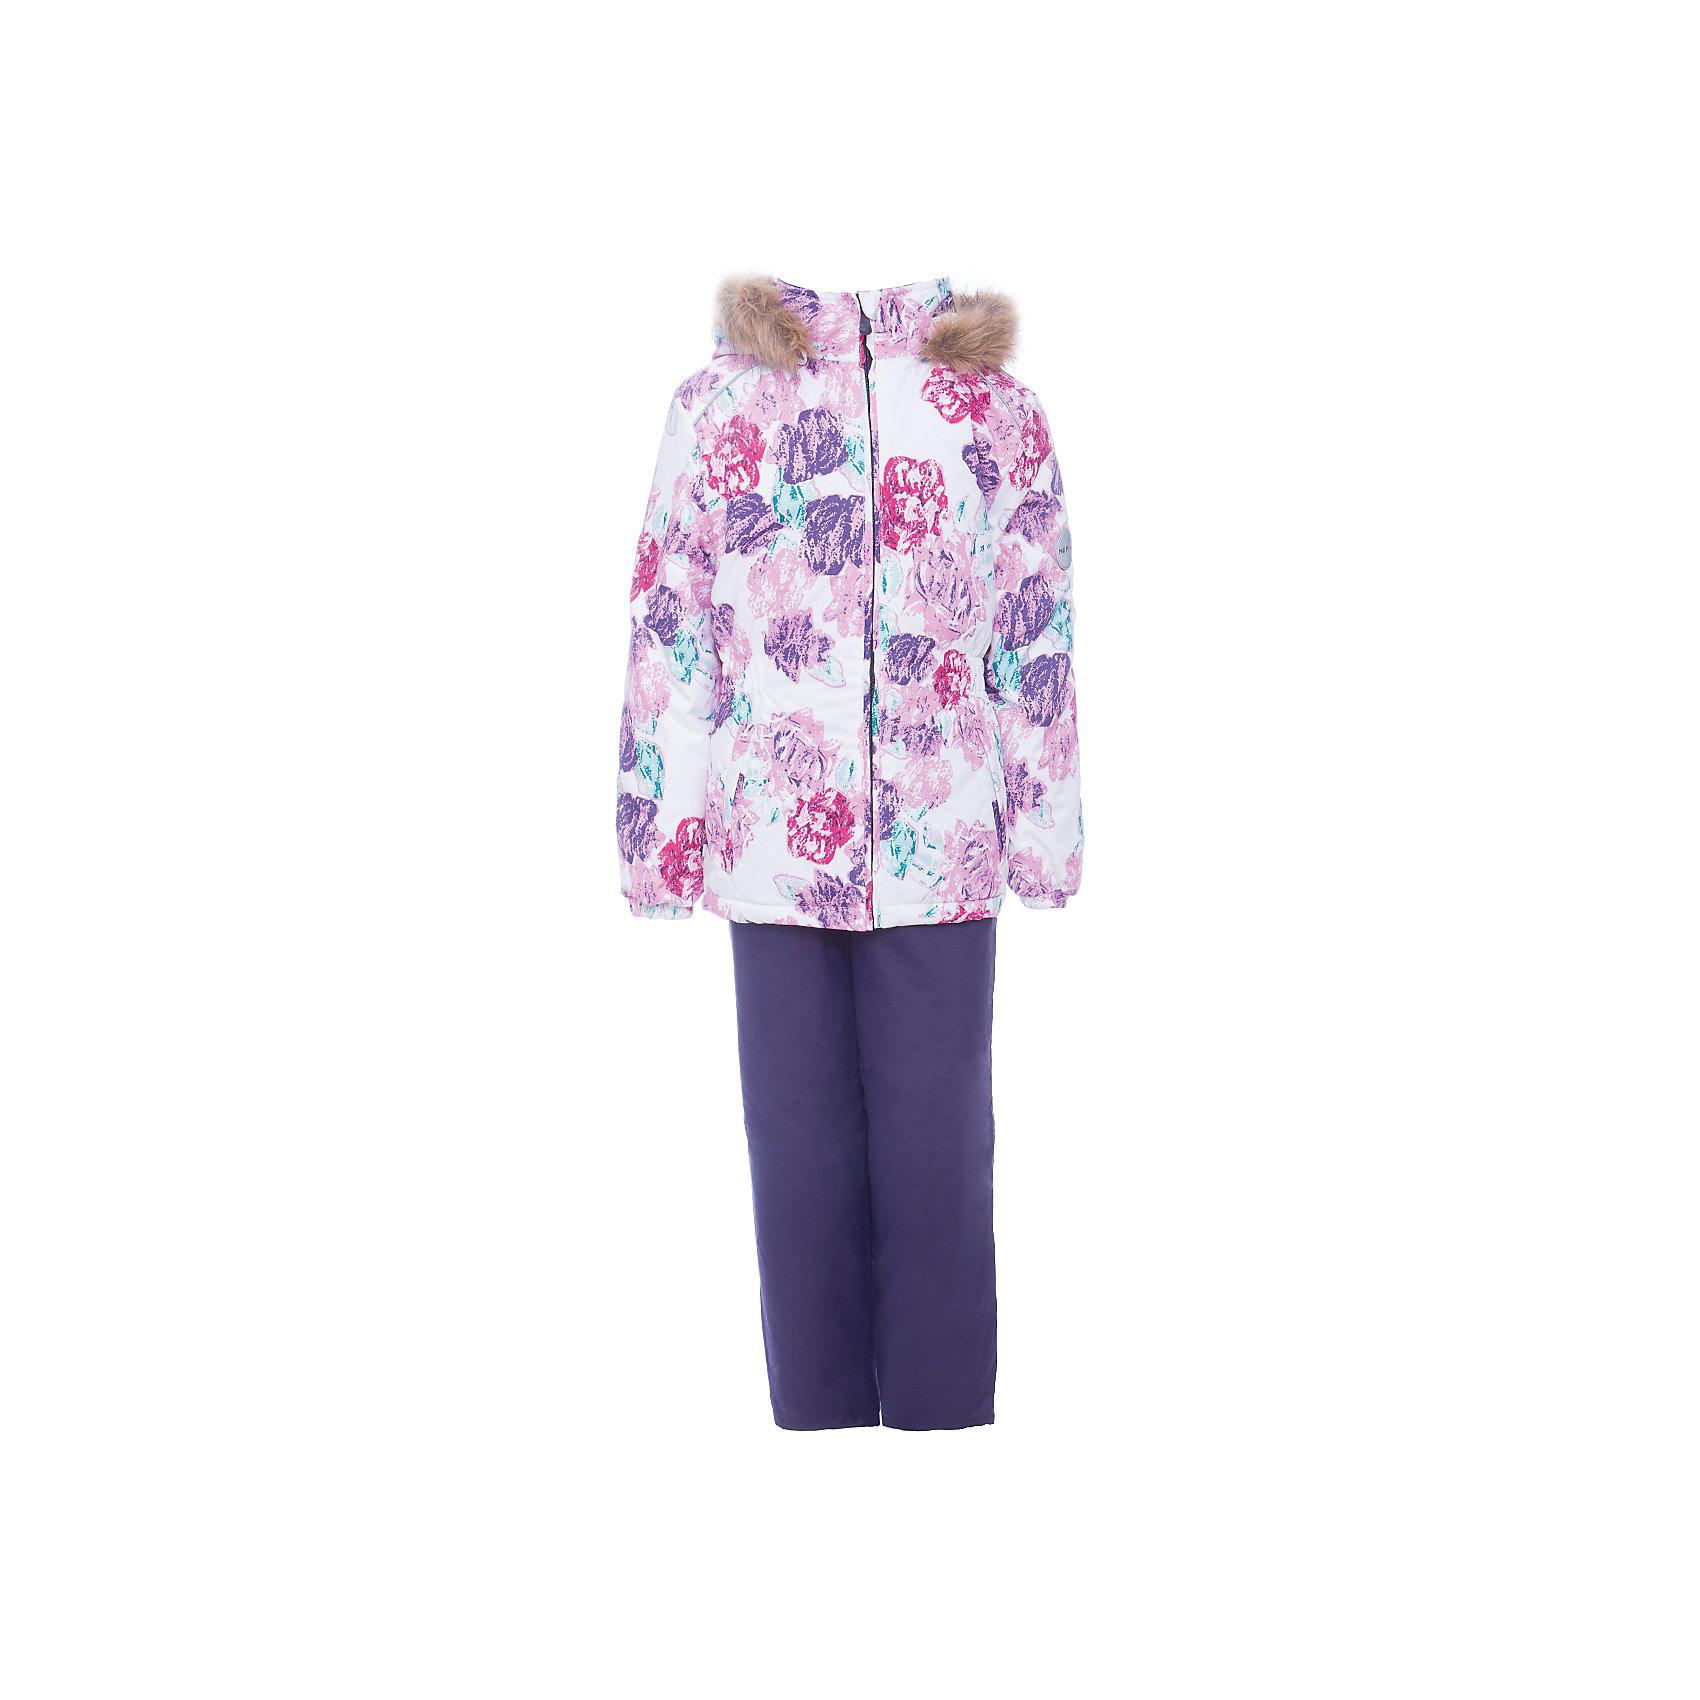 Комплект: куртка и брюки WONDER Huppa для девочкиВерхняя одежда<br>Комплект для девочек WONDER.Водо и воздухонепроницаемость  10 000.Утеплитель 300 гр куртка/160 гр брюки.Подкладка тафта, флис 100% полиэстер.Отстегивающийся капюшон с мехом.Манжеты рукавов на резинке.Регулируемые низы.Внутренняя снегозащита брюк.Швы проклеены.Резиновые подтяжки.Имеются светоотражательные элементы.<br>Состав:<br>100% Полиэстер<br><br>Ширина мм: 356<br>Глубина мм: 10<br>Высота мм: 245<br>Вес г: 519<br>Цвет: белый<br>Возраст от месяцев: 18<br>Возраст до месяцев: 24<br>Пол: Женский<br>Возраст: Детский<br>Размер: 92,140,134,128,122,116,110,104,98<br>SKU: 7027058